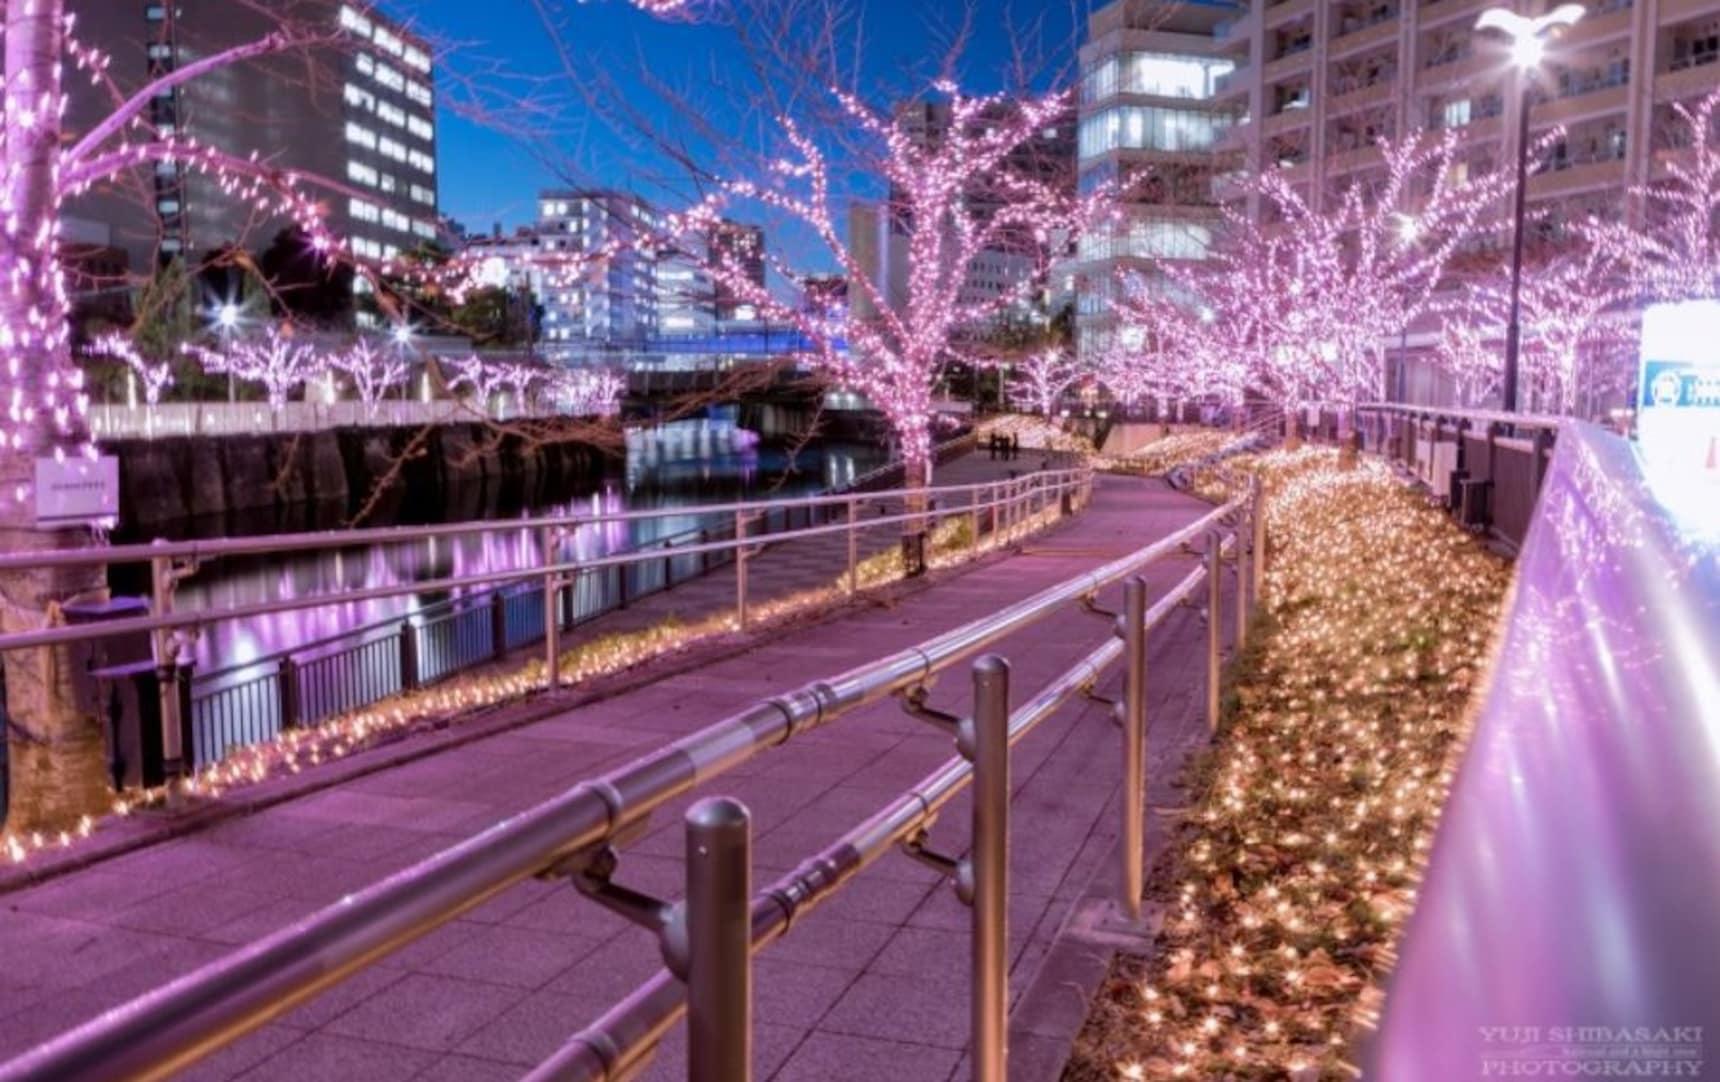 Catch a Glimpse of 'Sakura' in the Winter